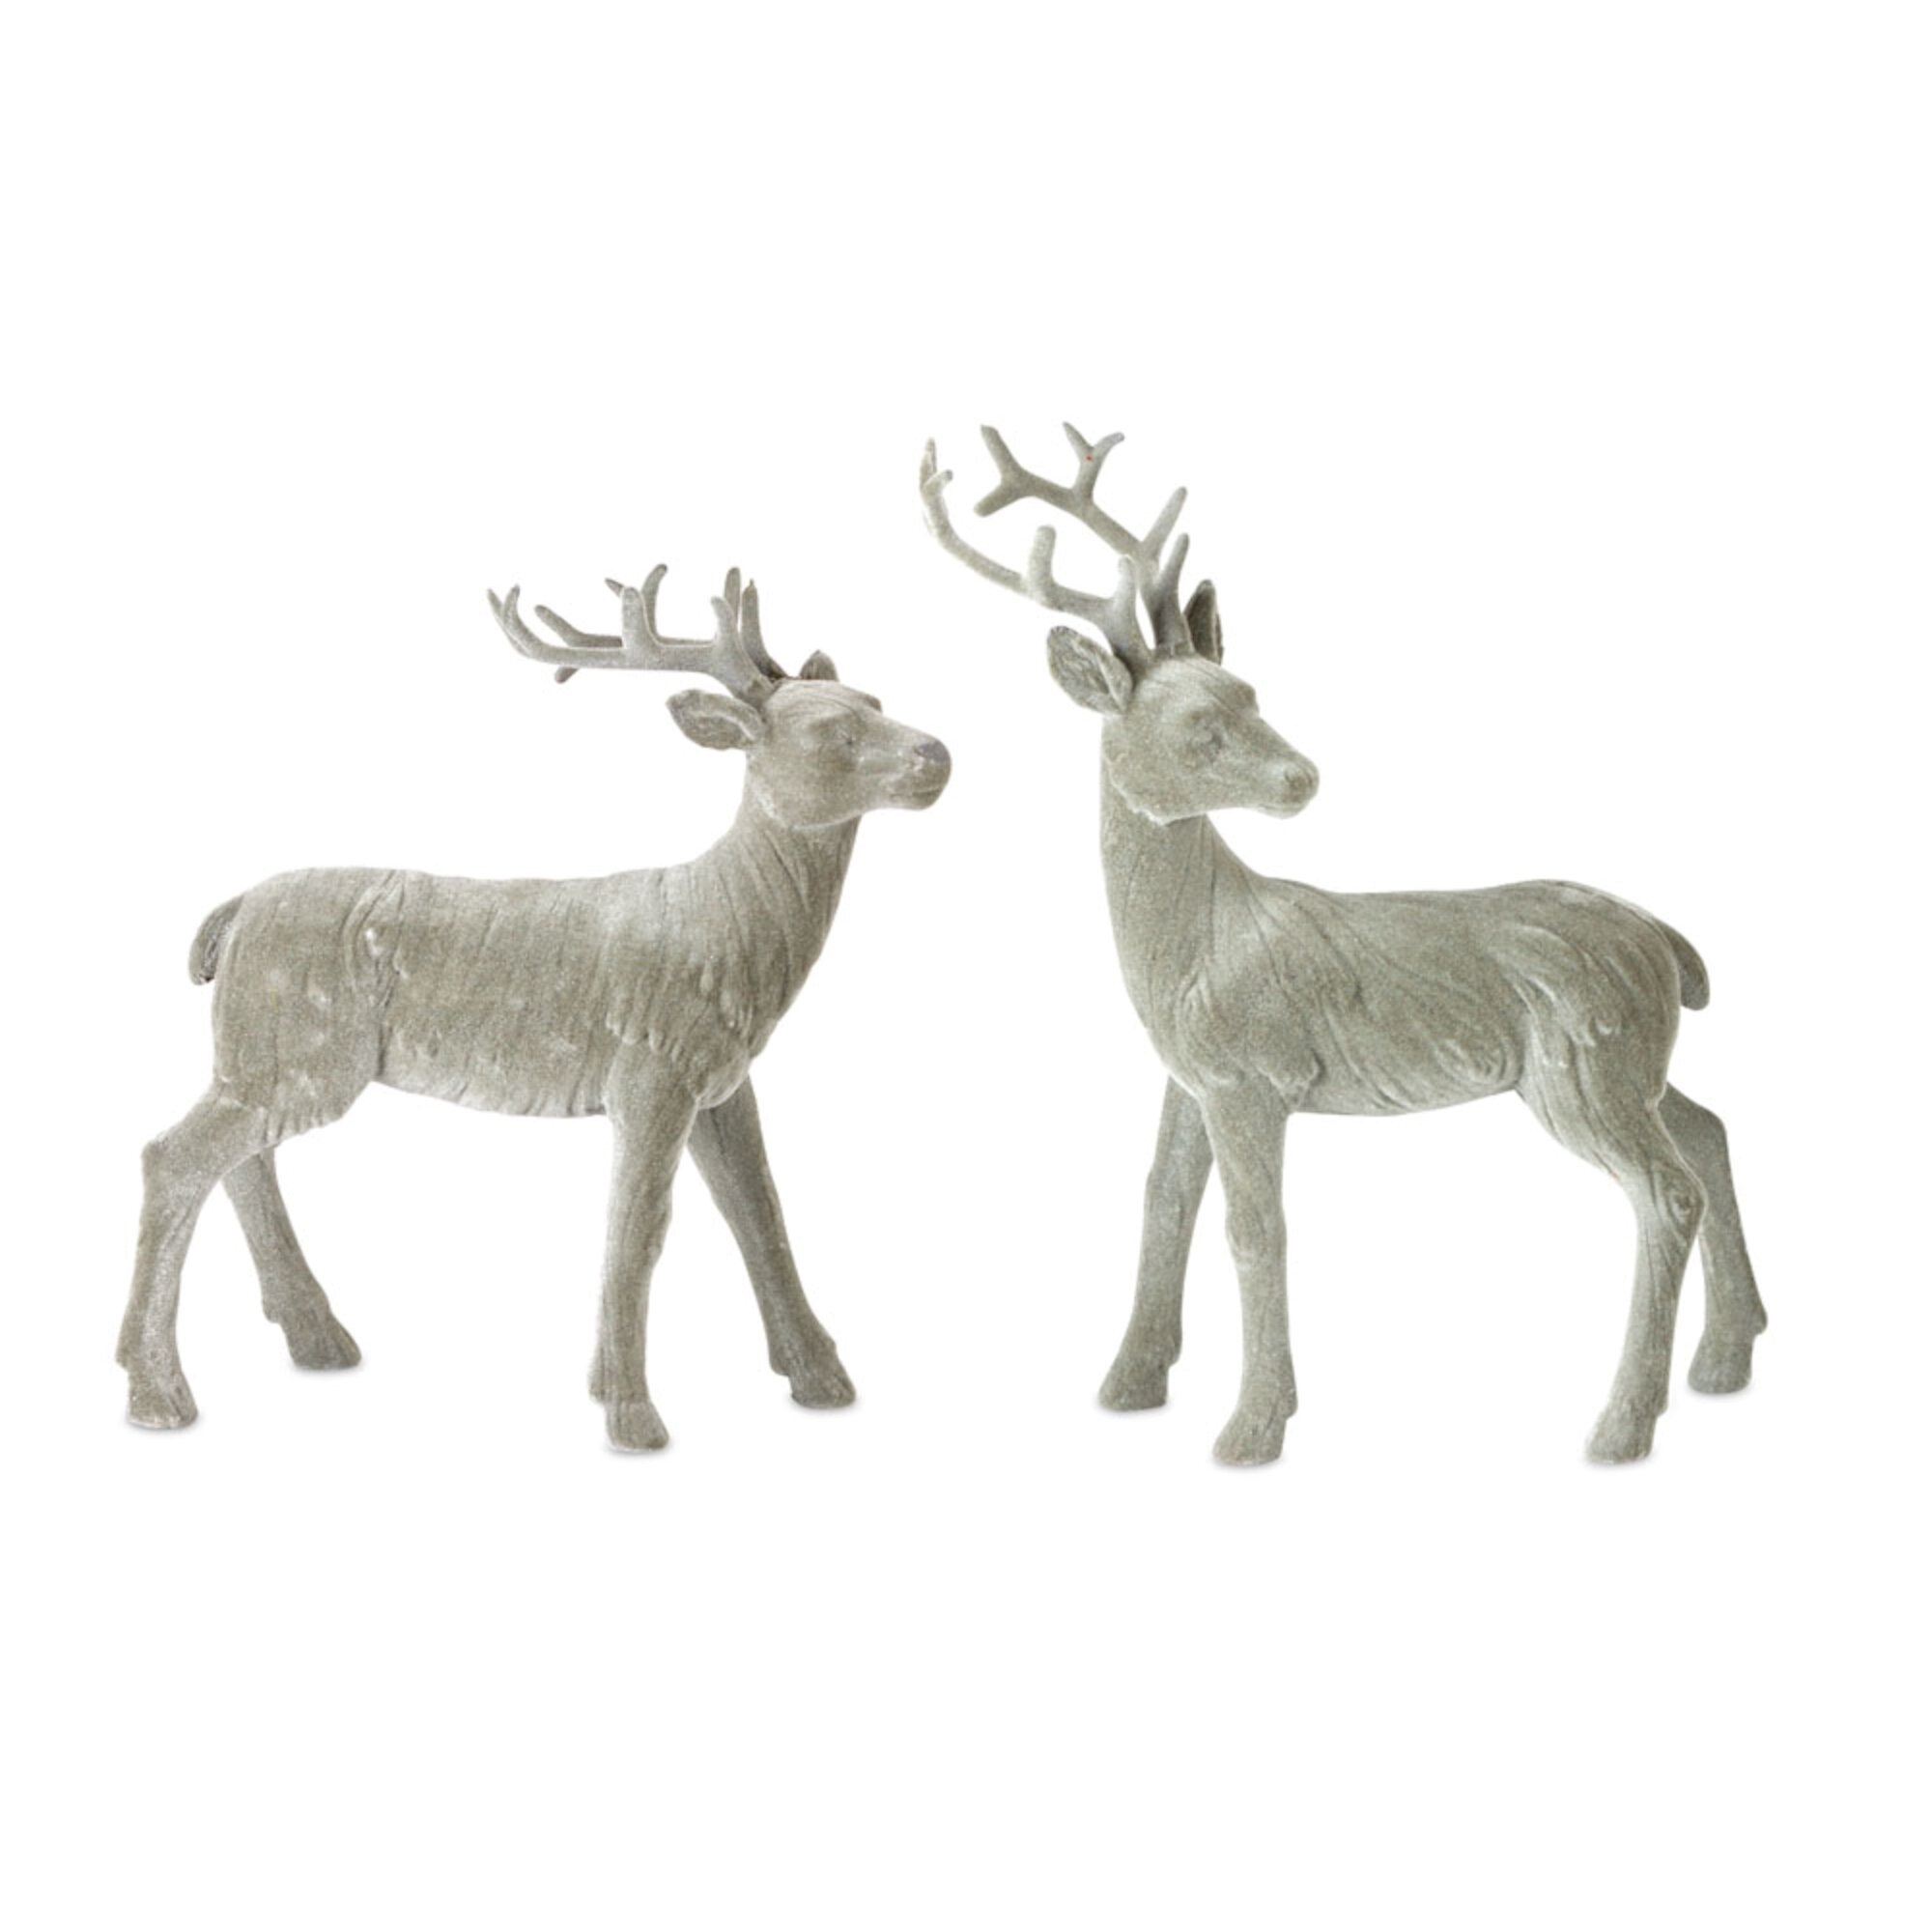 Brown Resin Reindeer Figurines You Ll Love In 2021 Wayfair